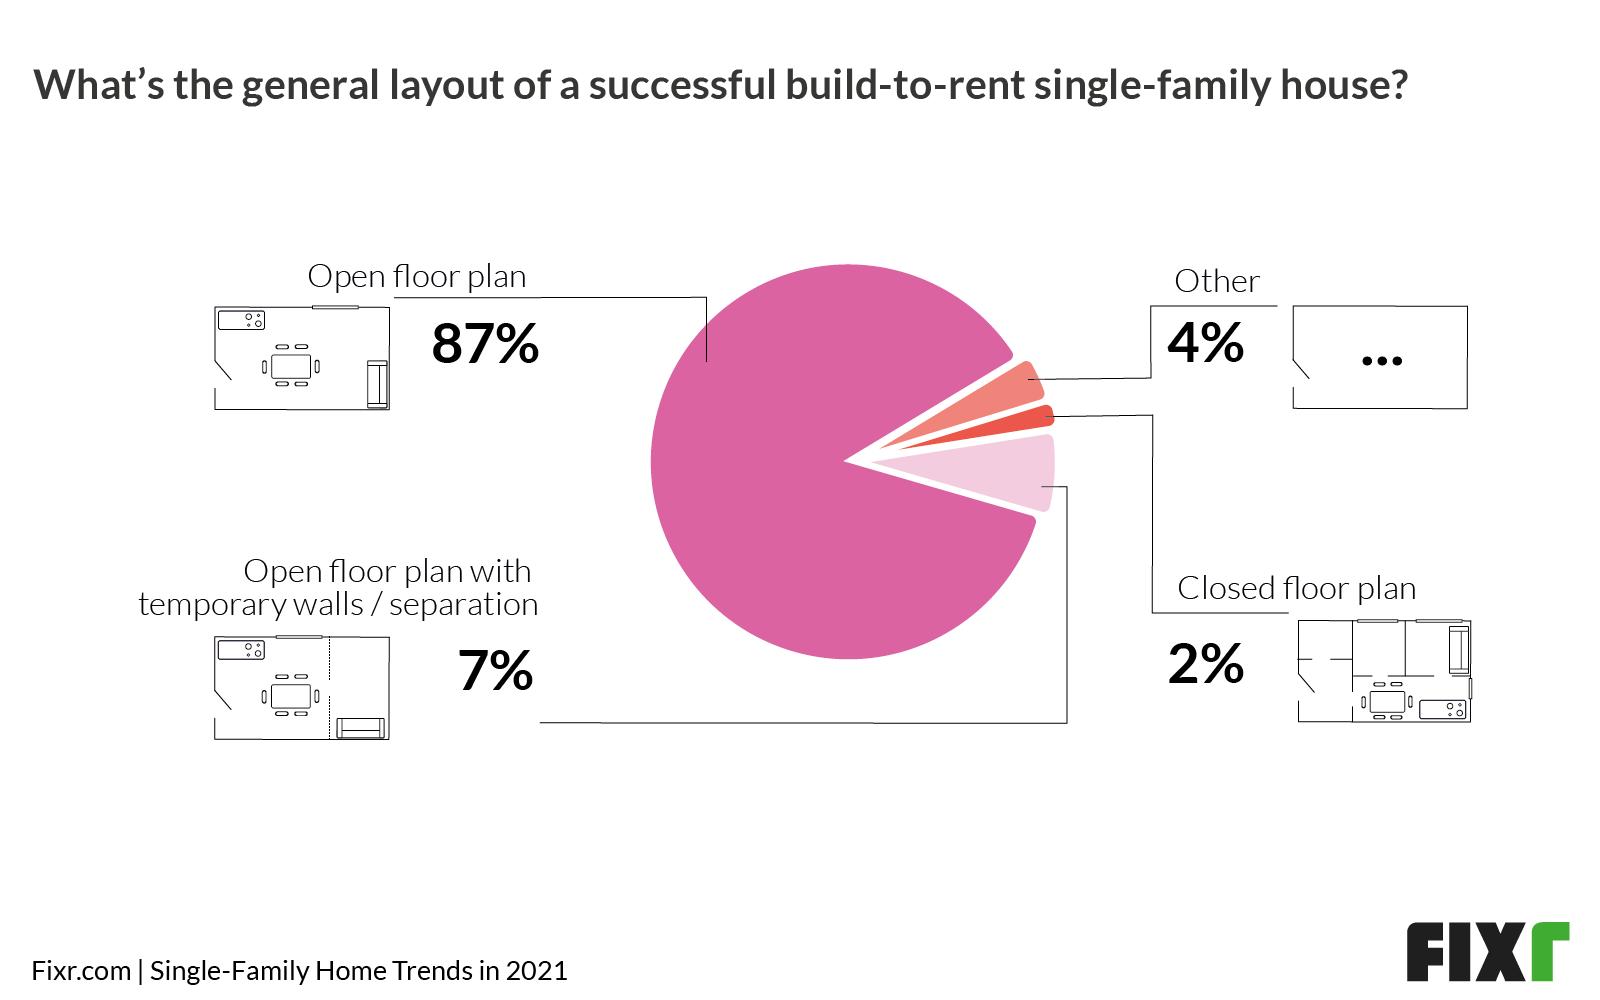 Built to rent communities - Open floor plan